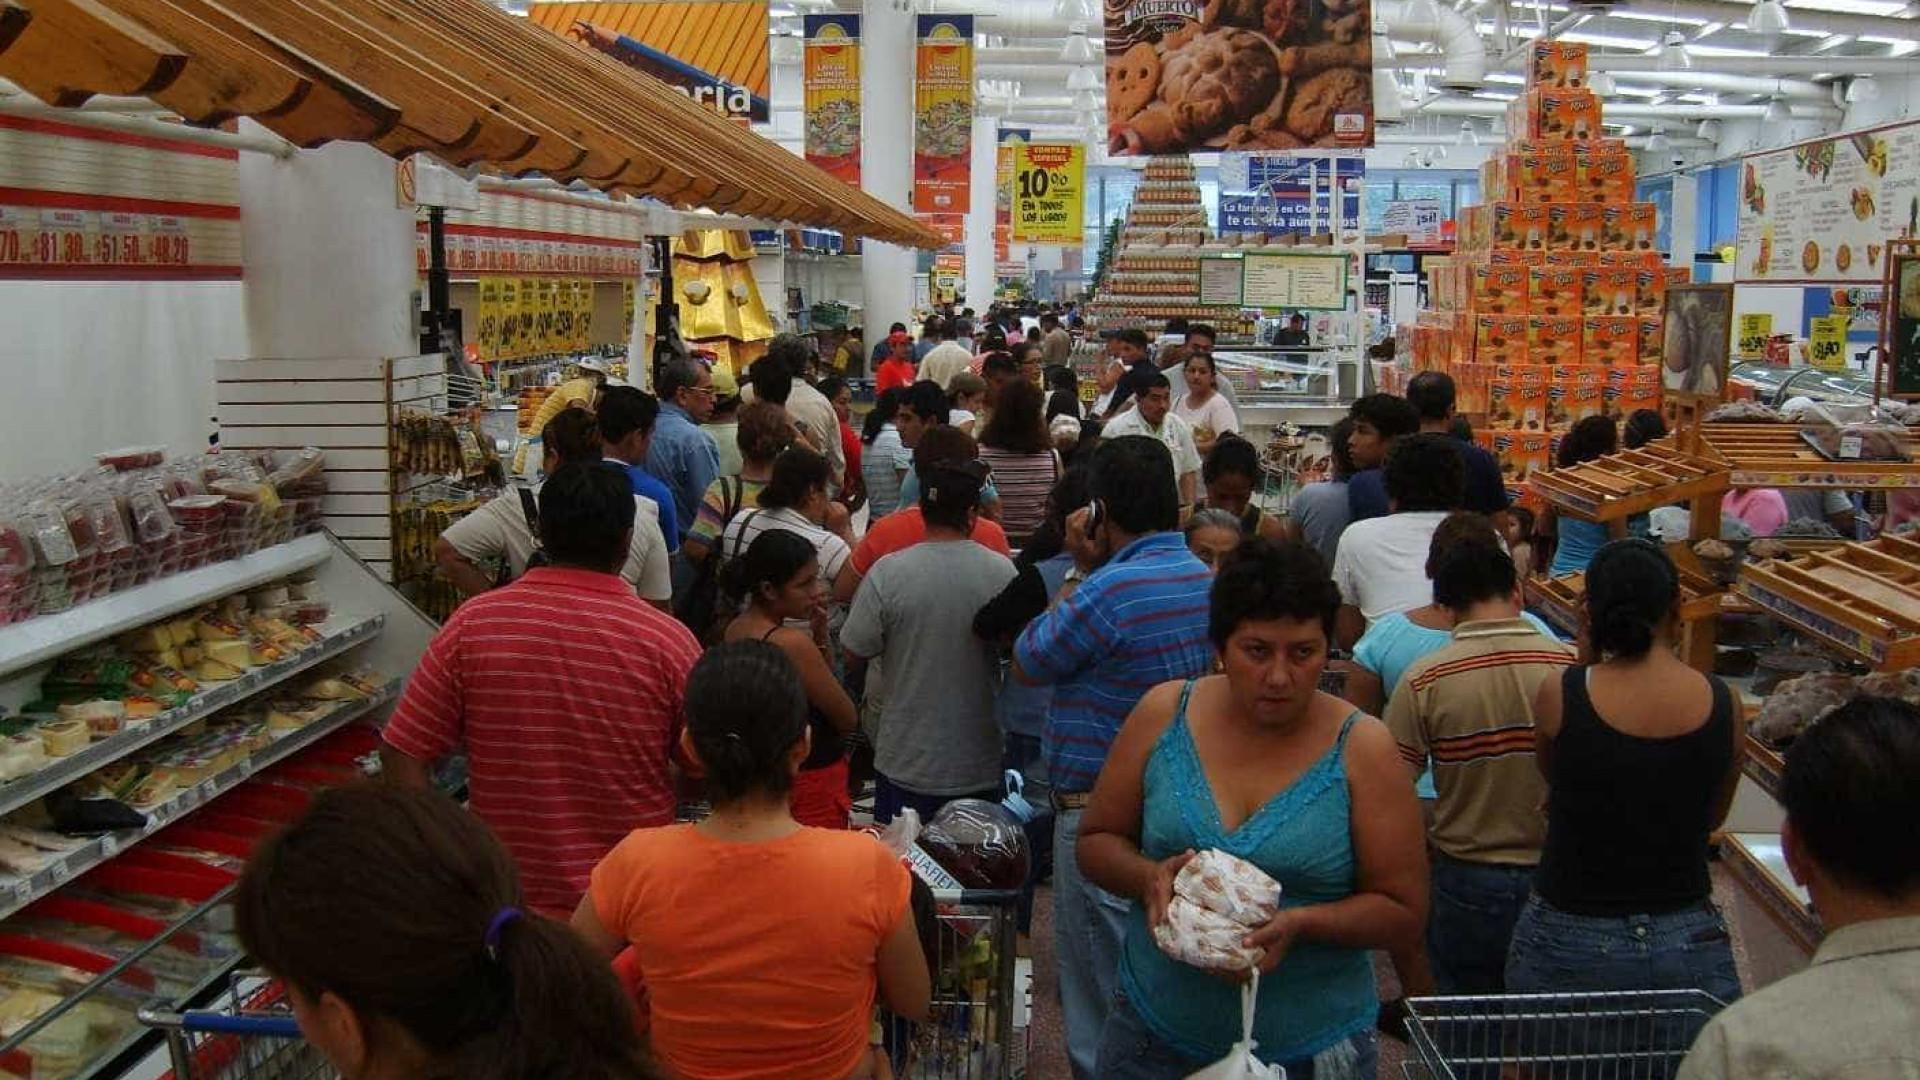 Supermercados são setor essencial e não vão parar, diz Abras